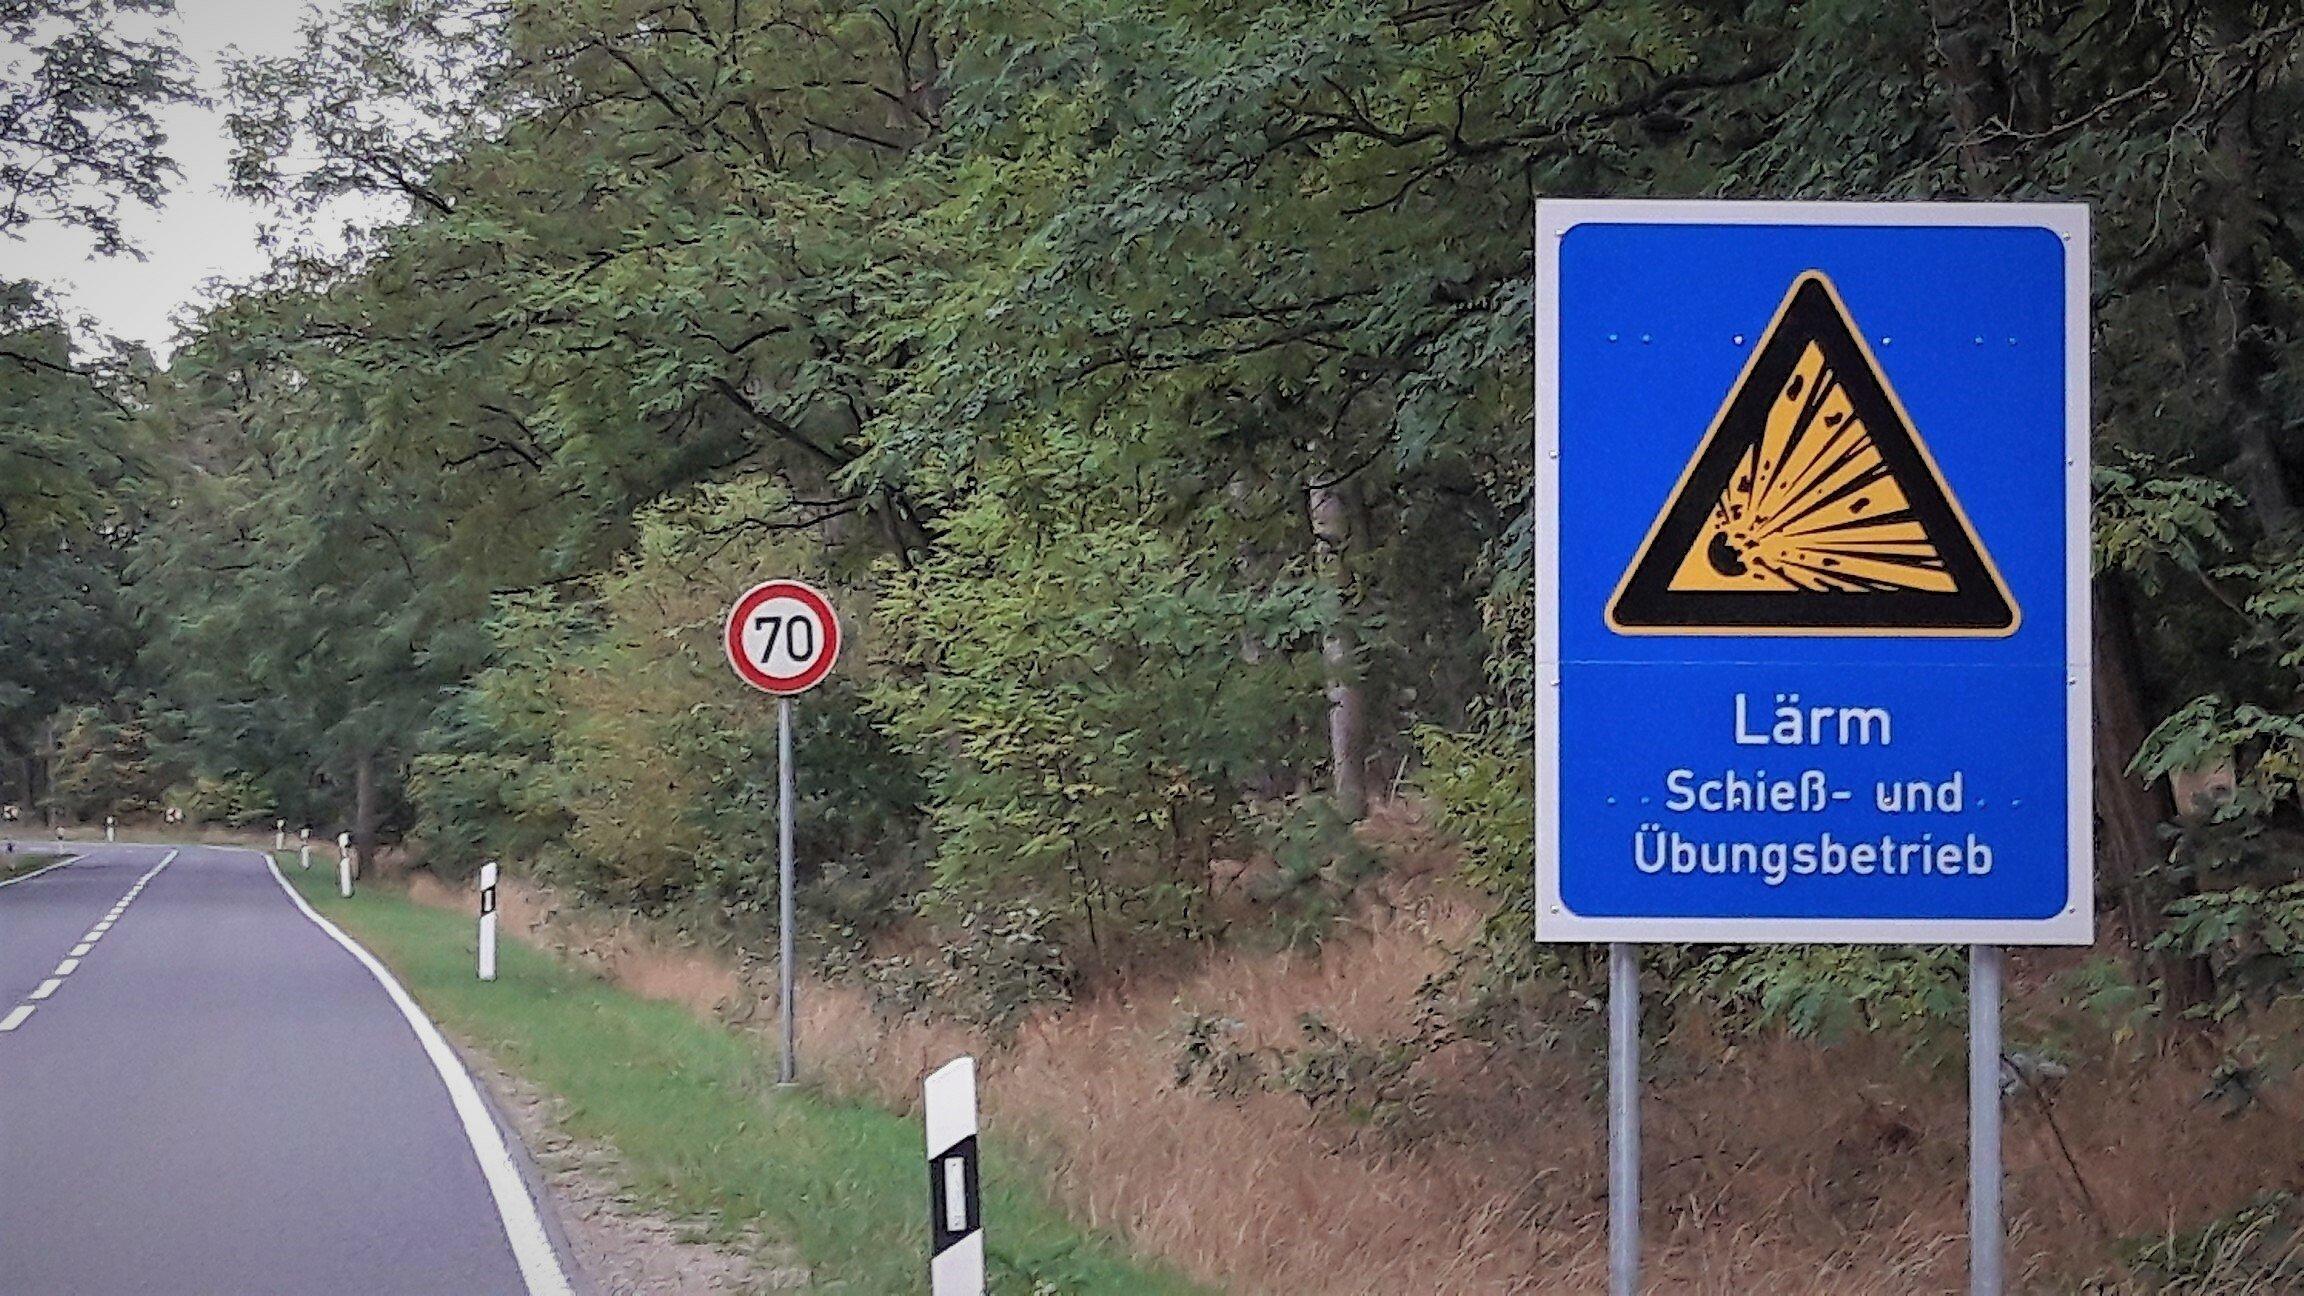 """Vor einer waldumsäumten Straße steht das blaue Warnschild mit der Aufschrift """"LÄRM – Schieß- und Übungsbetrieb""""."""